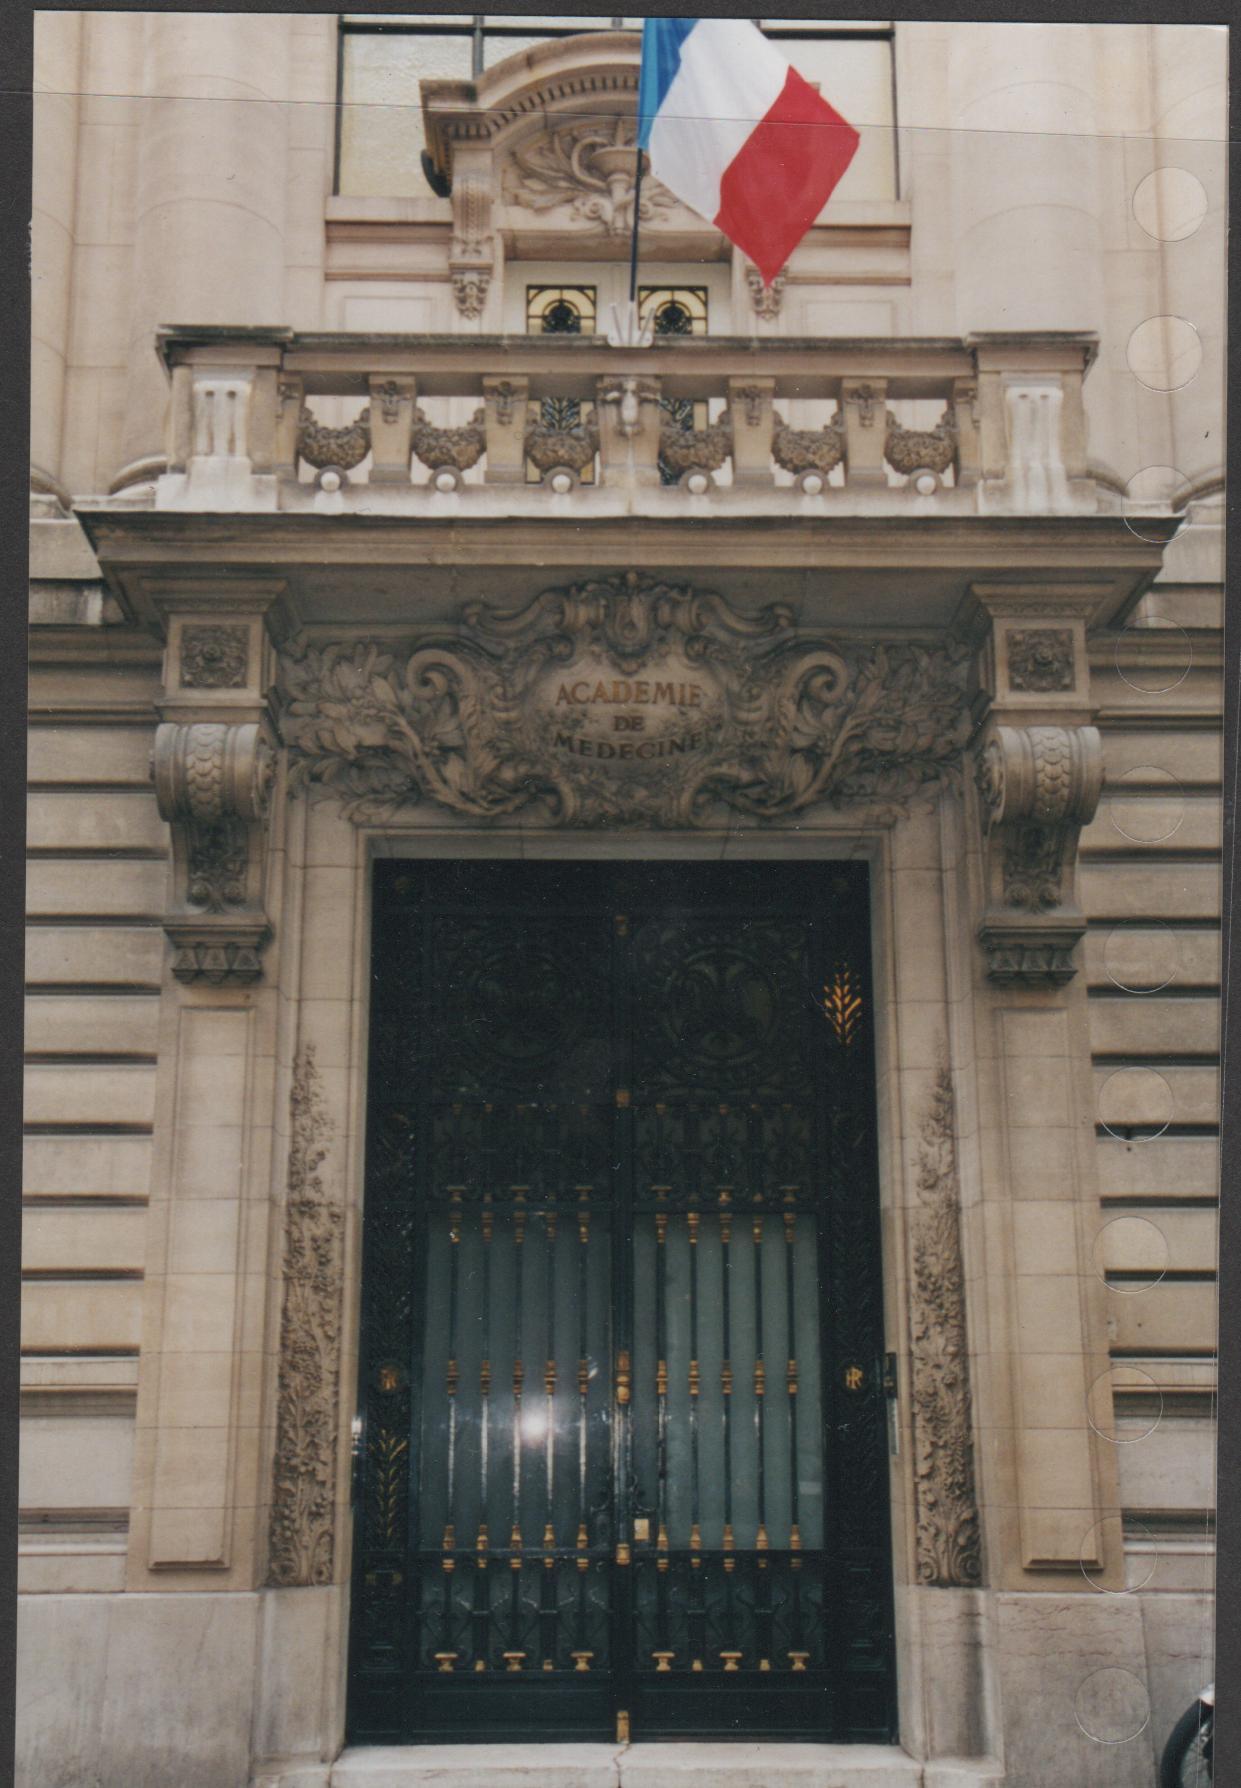 paris door, french flag, balcony over door